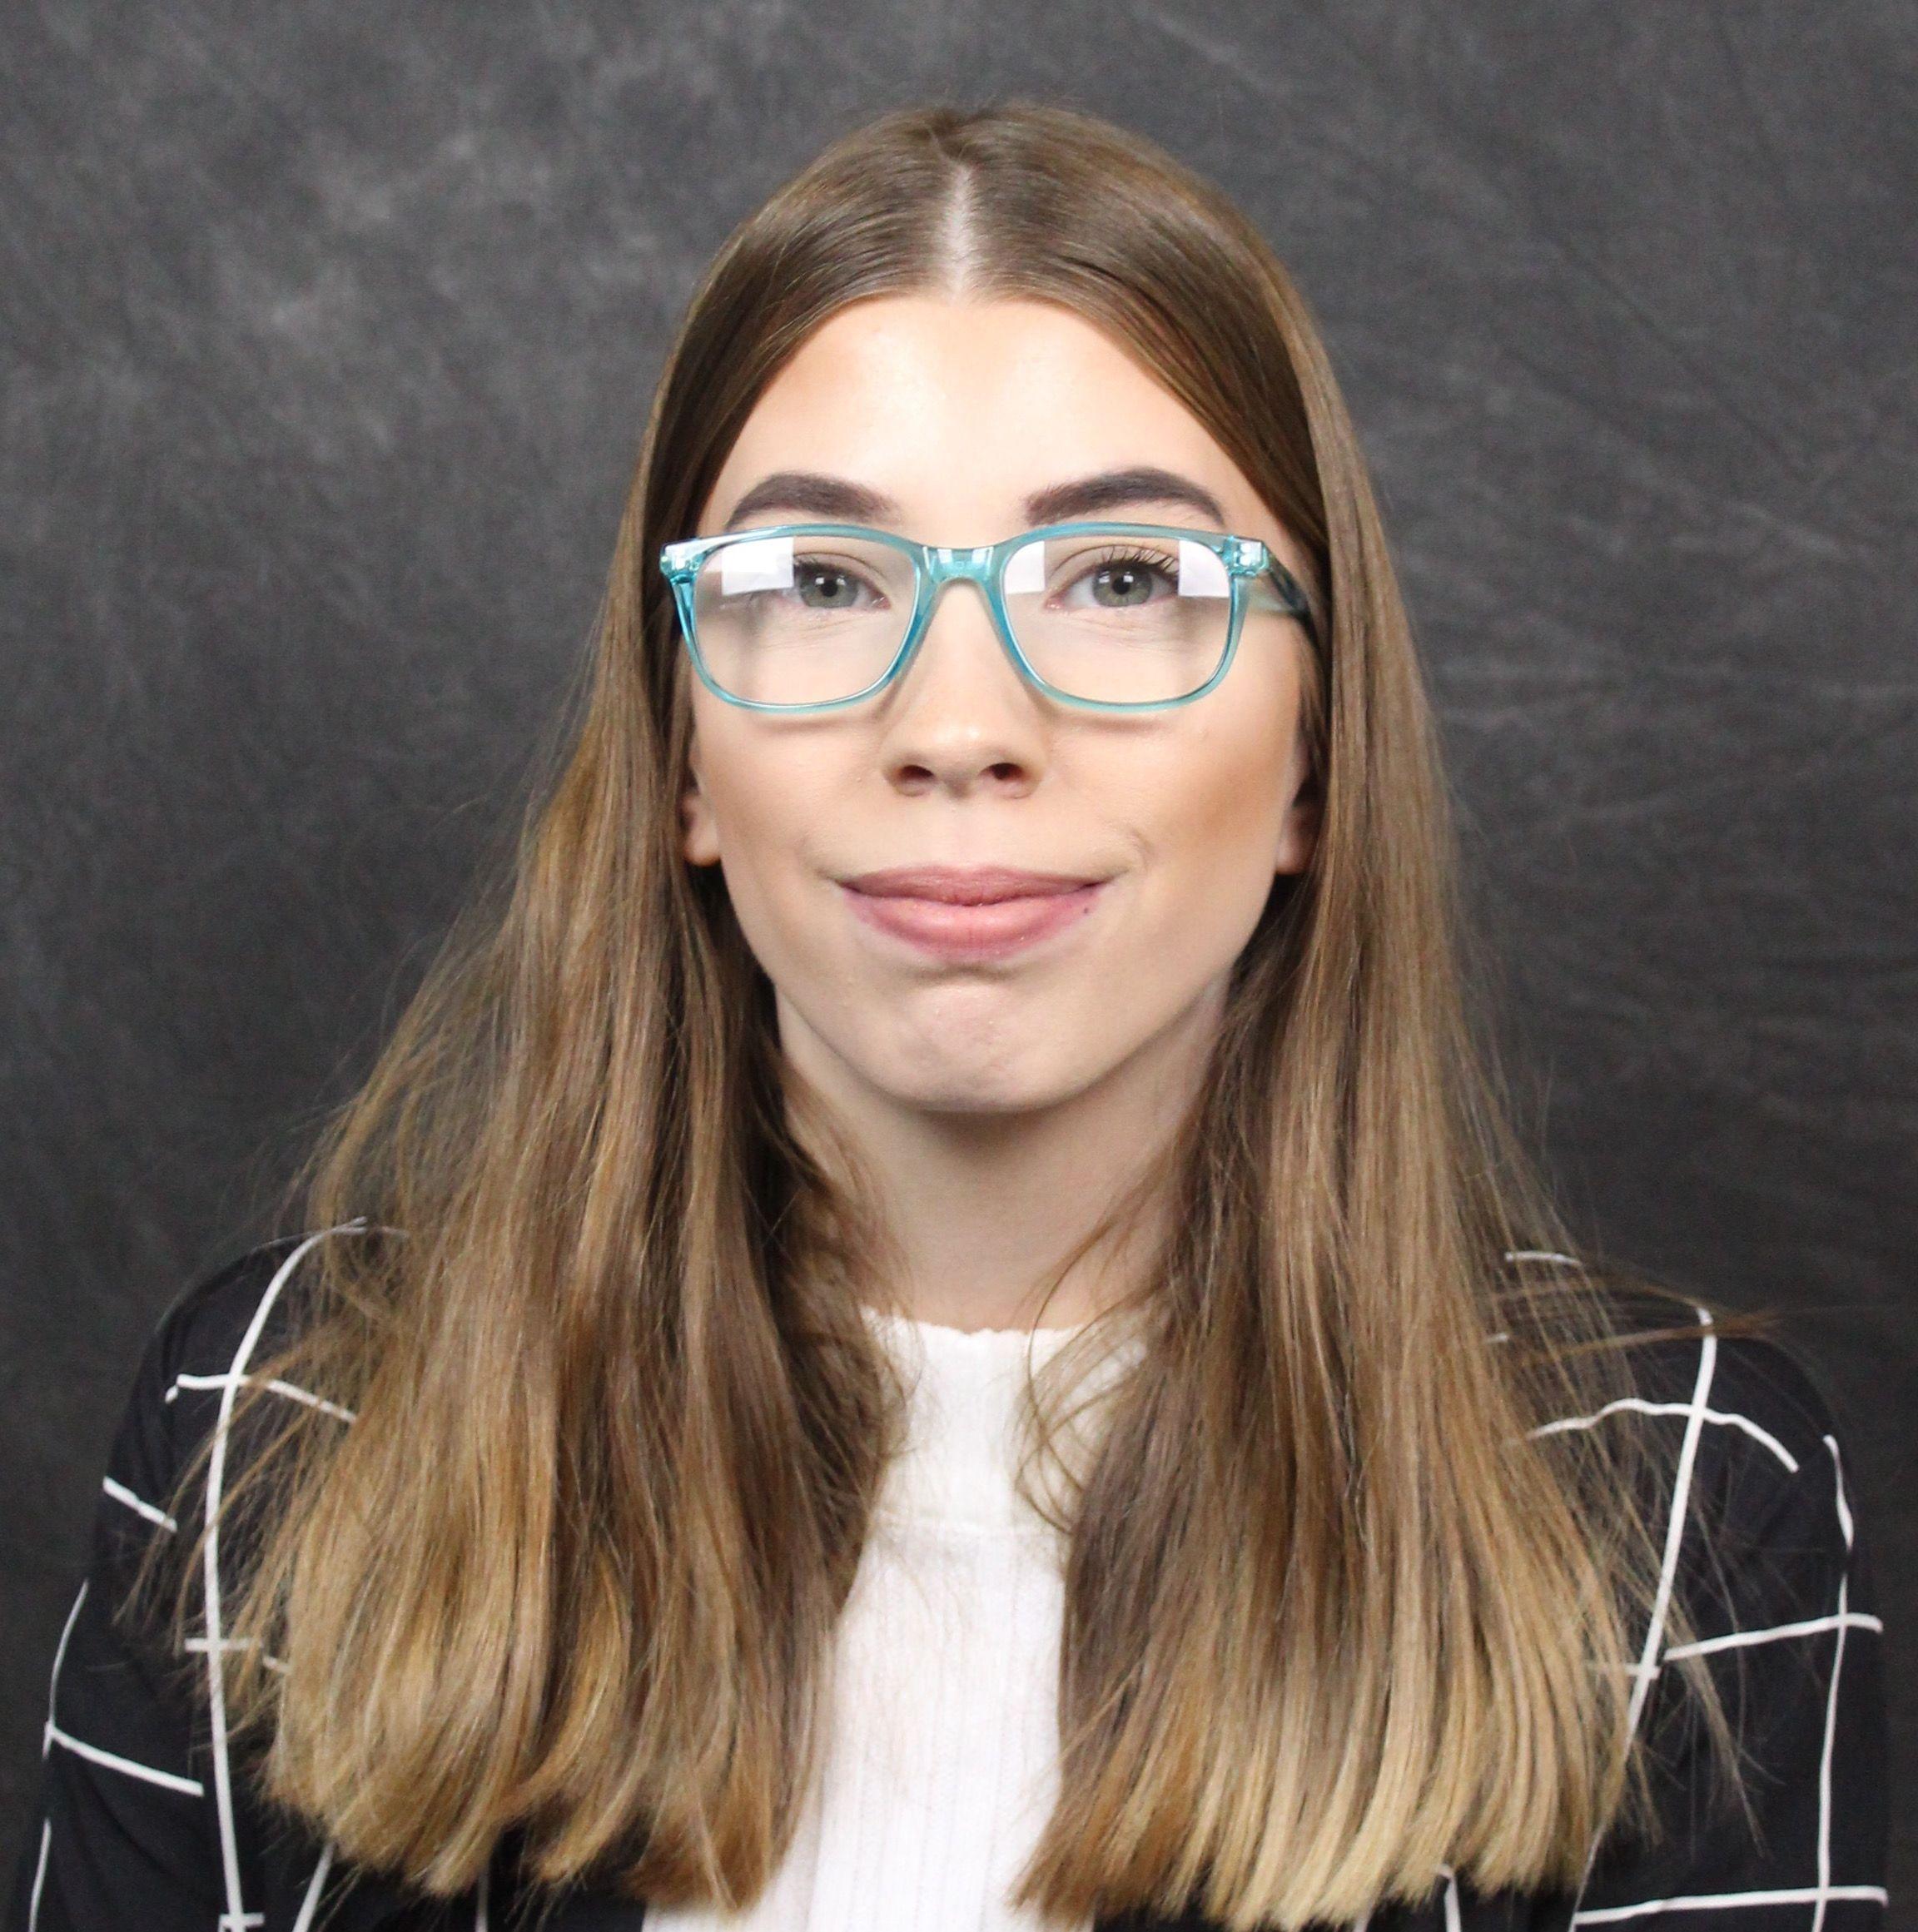 Michelle Jankowski